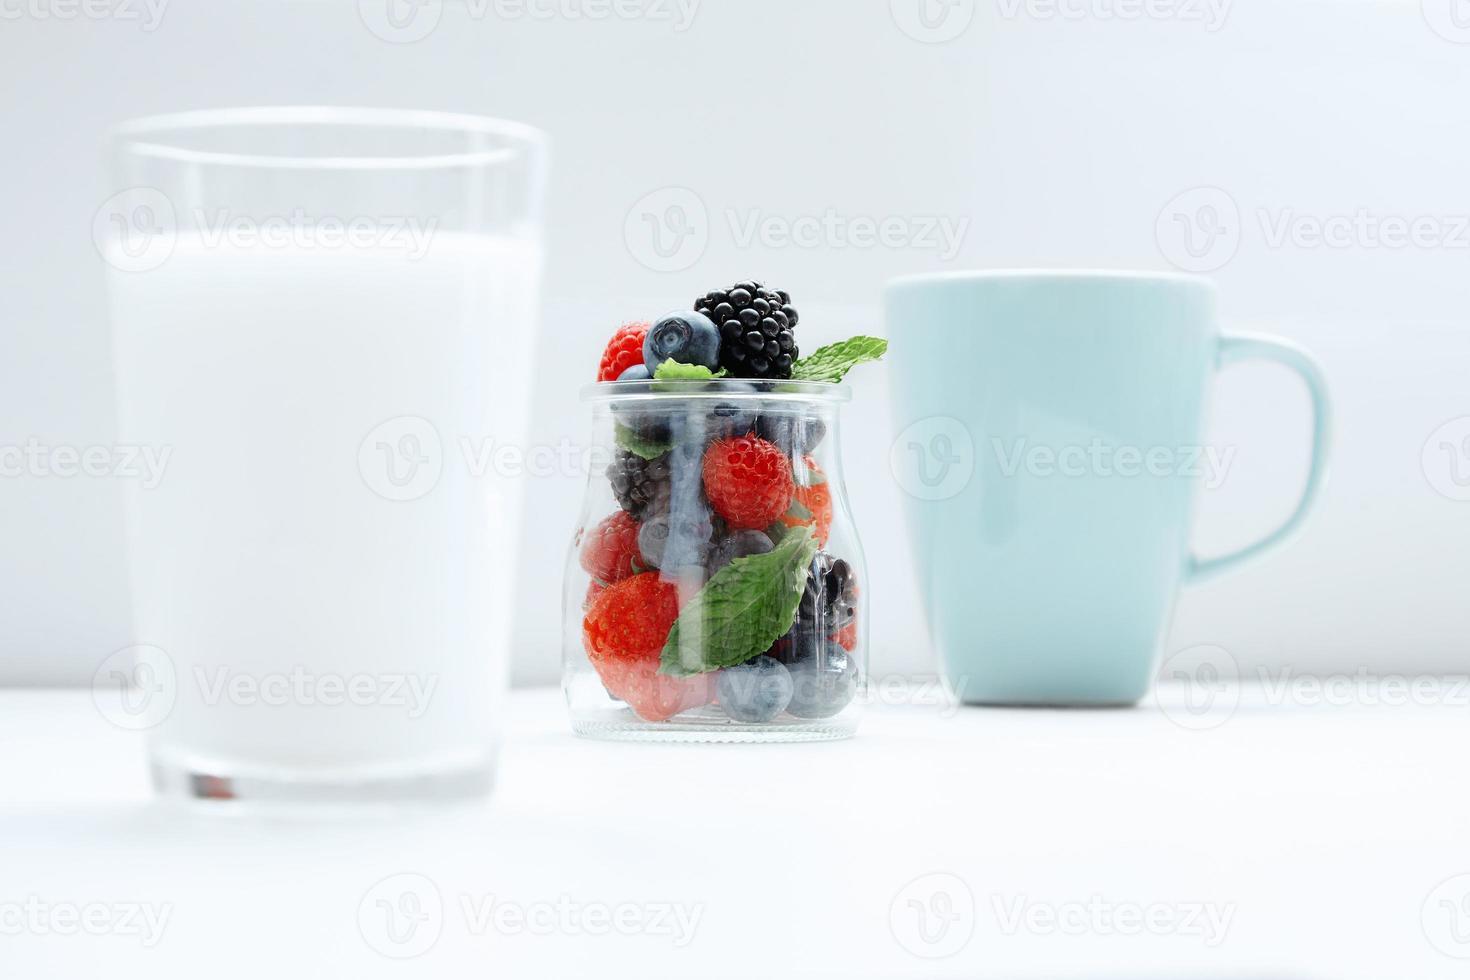 parallax bessen in transparante pot tussen glas melk foto